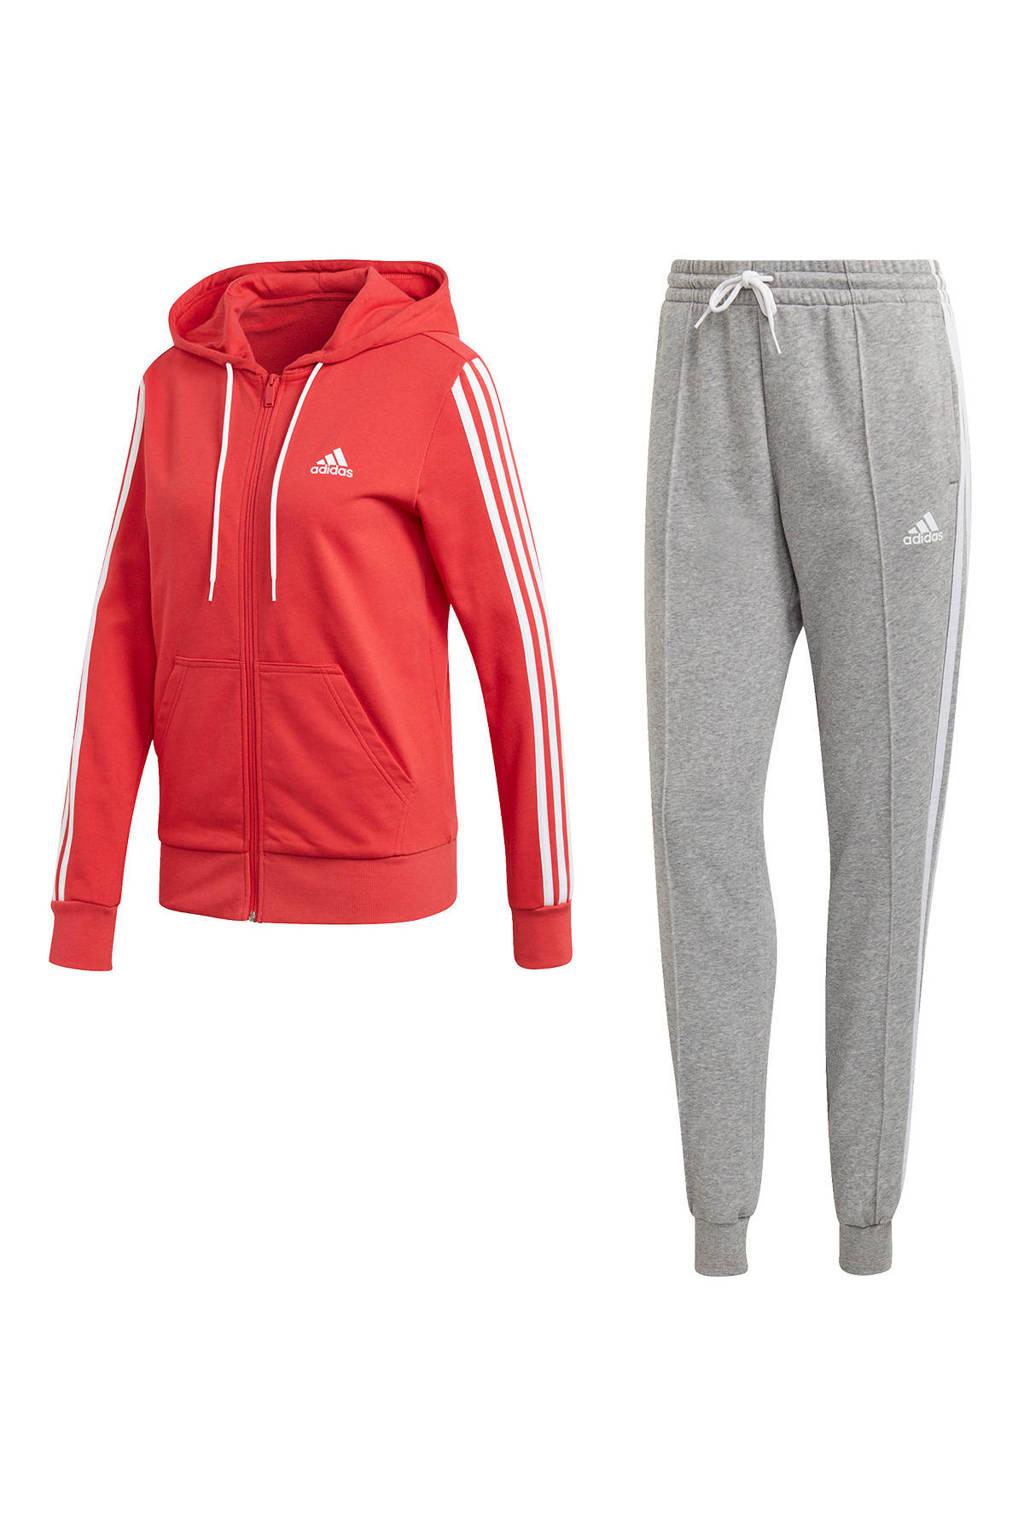 adidas Performance trainingspak rood/grijs, Rood/grijs